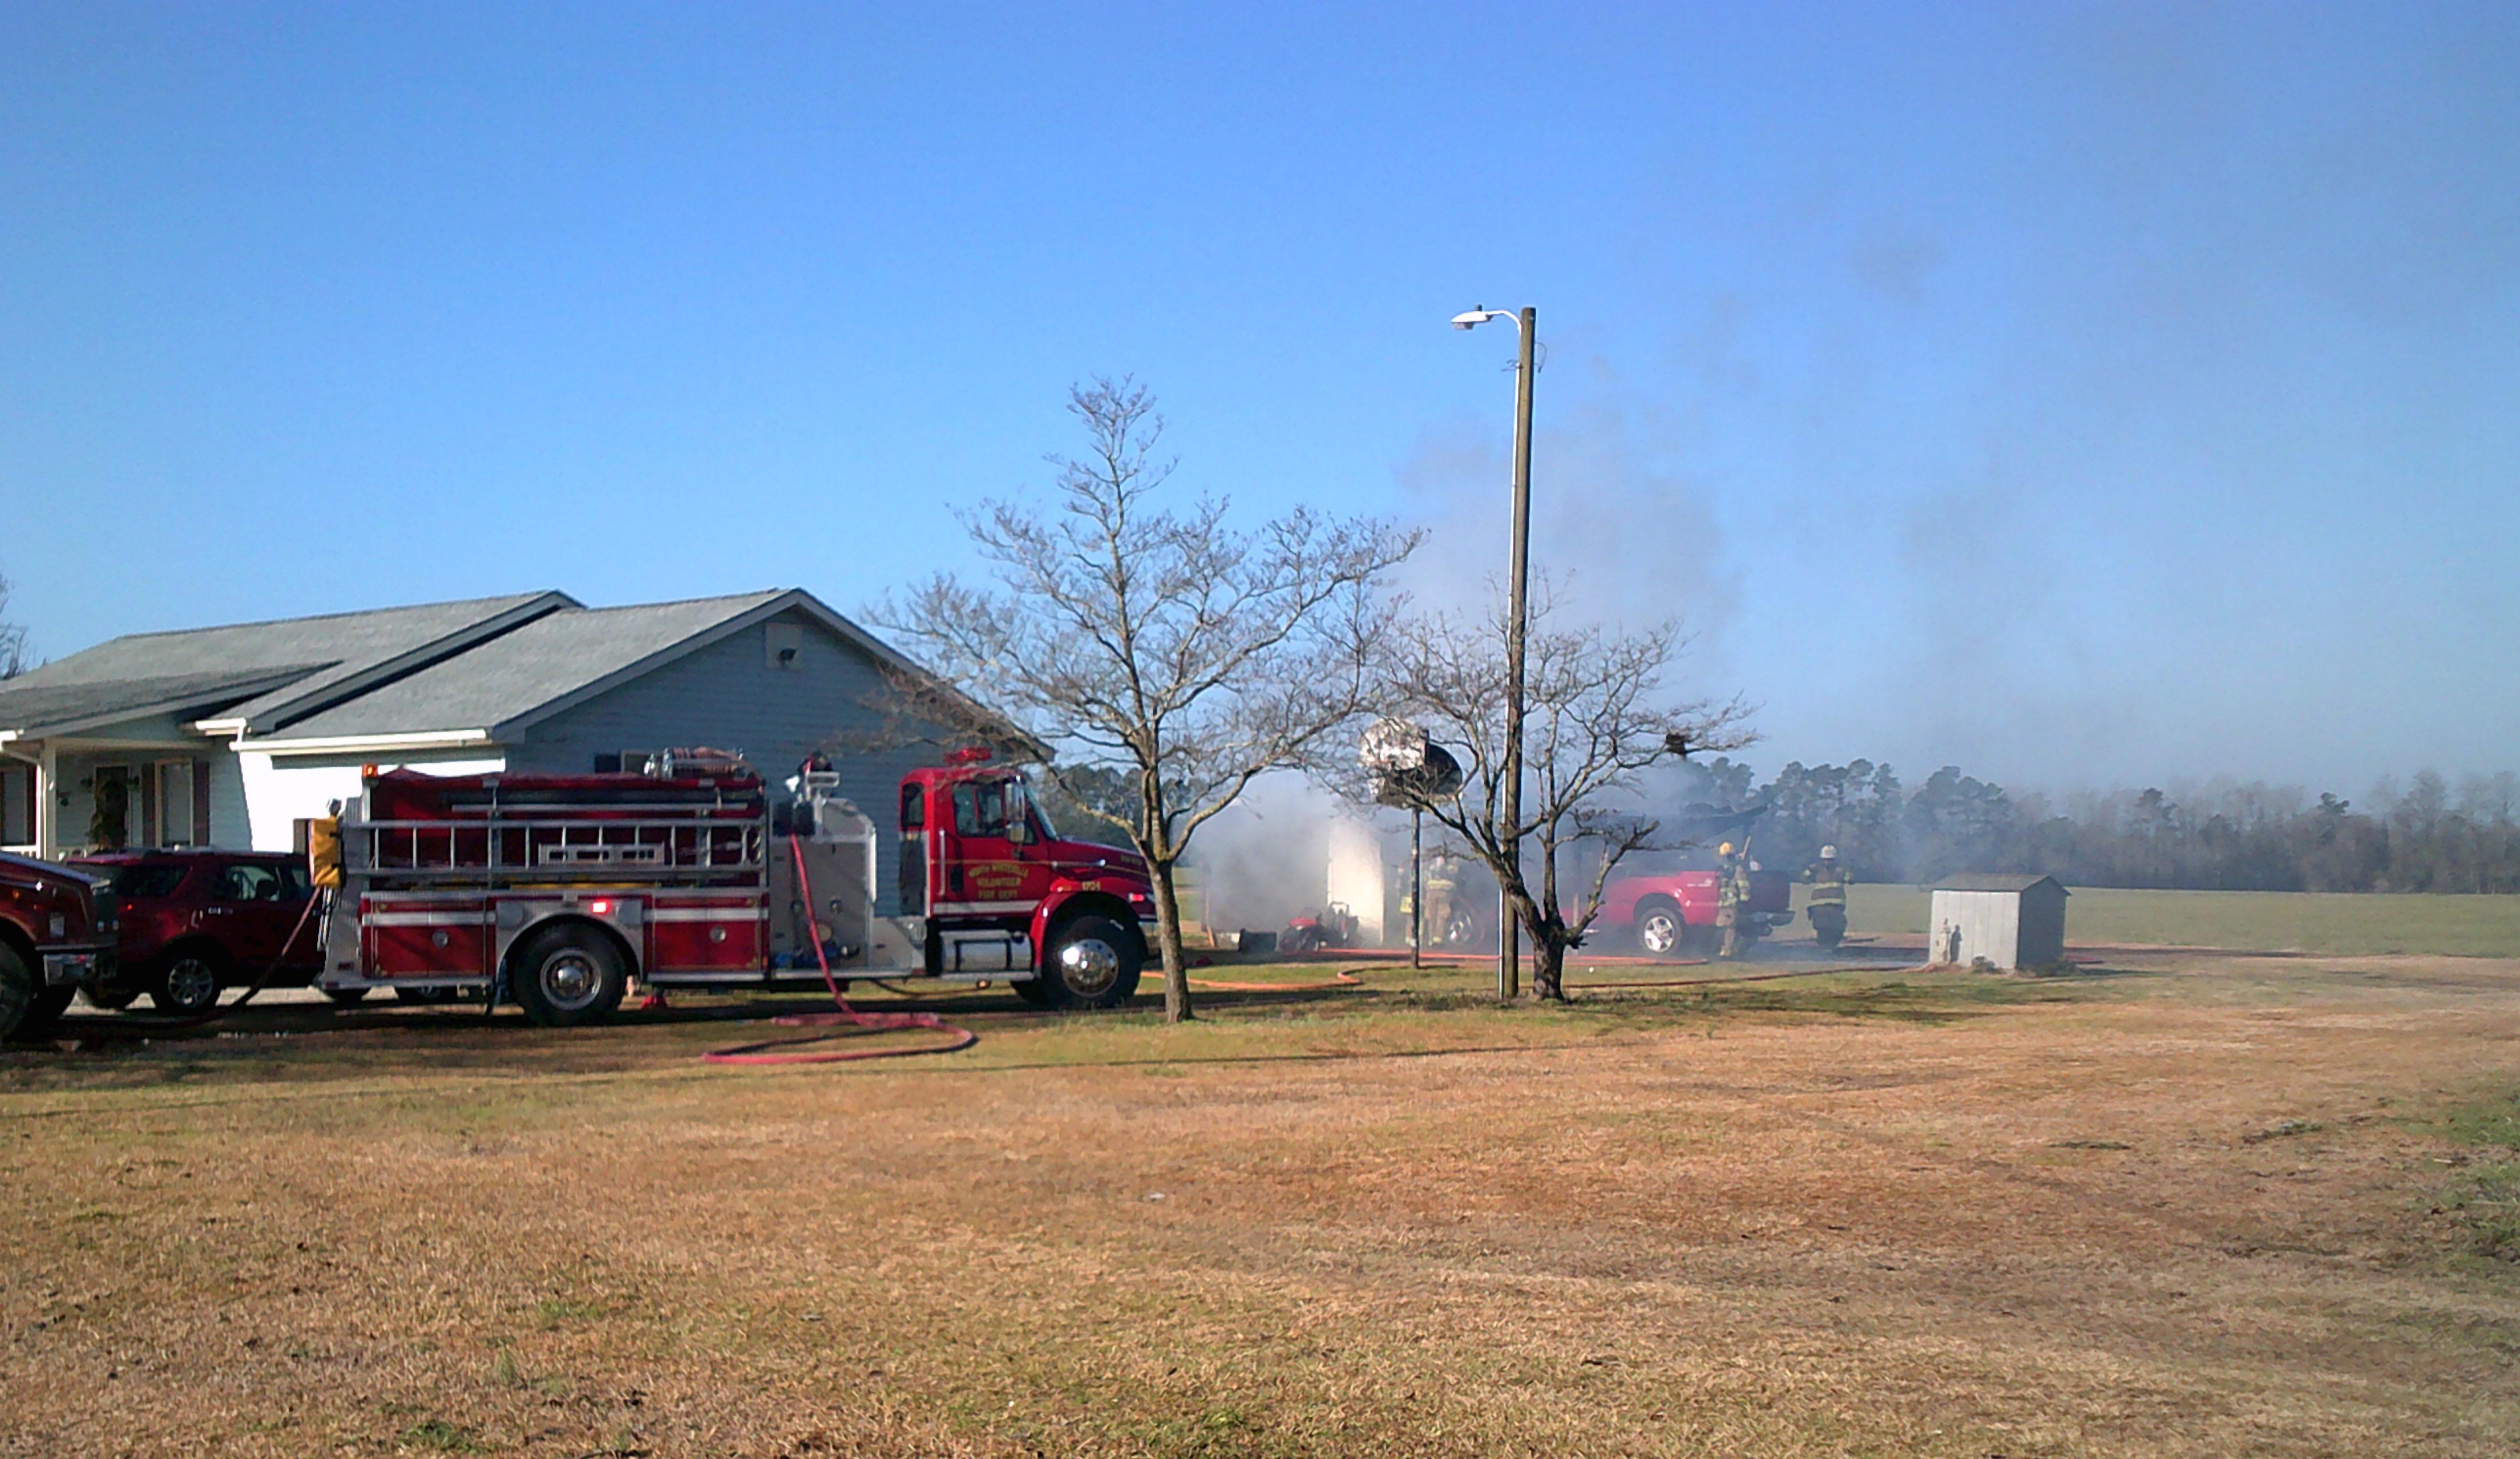 Whiteville Barn Fire 2